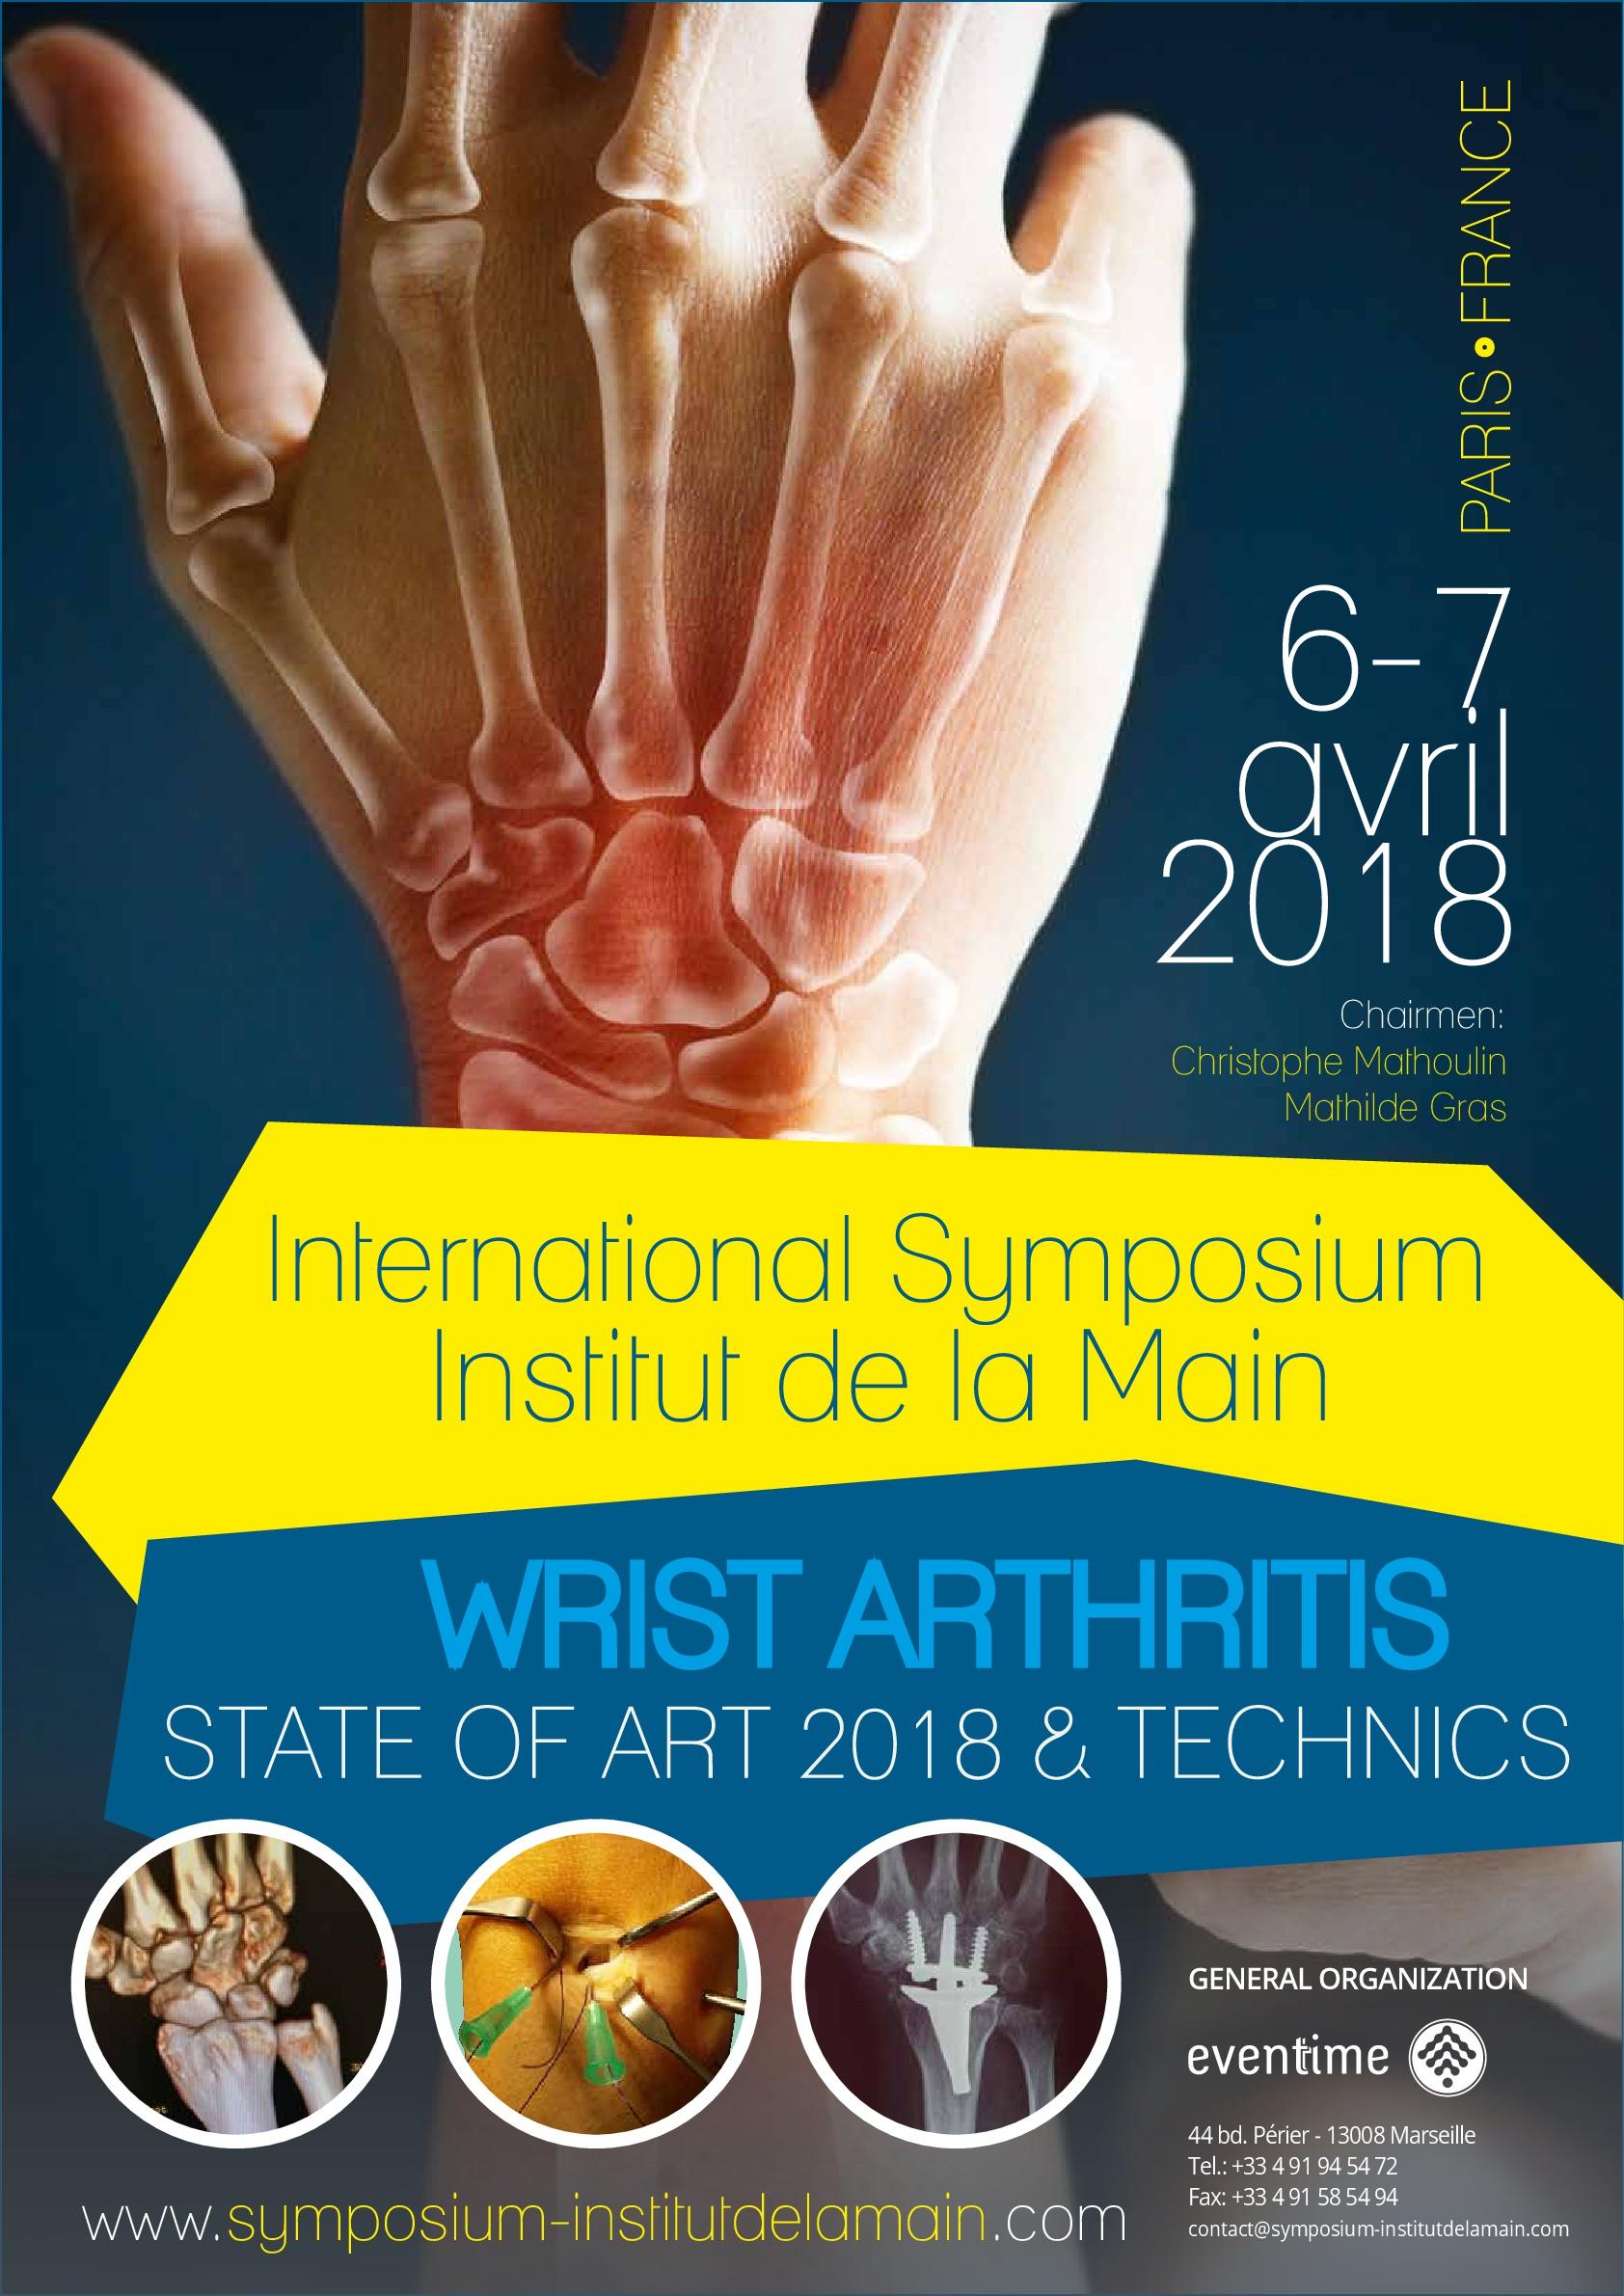 Symposium IDM 2018 affiche